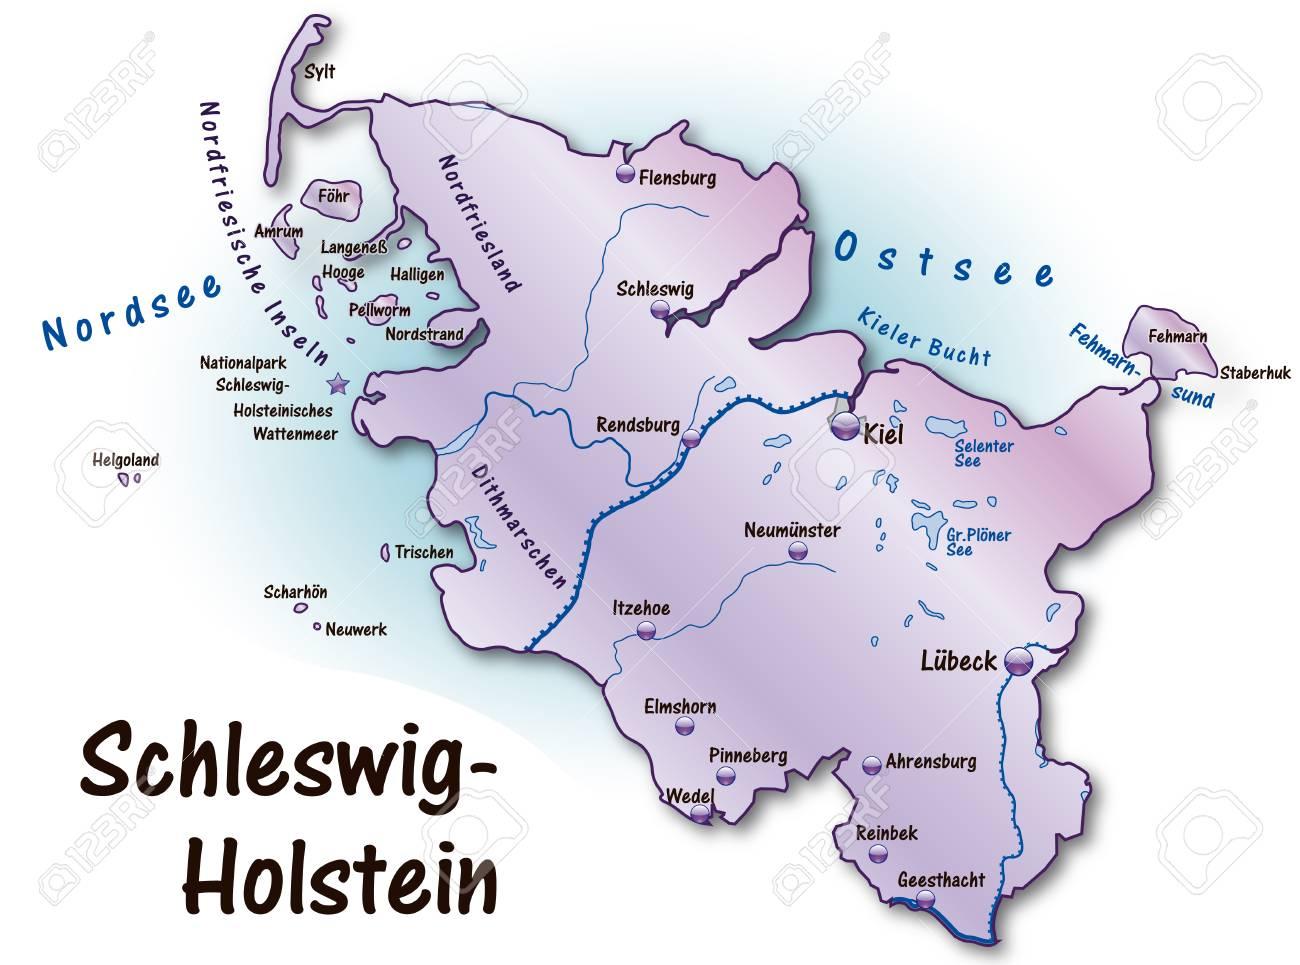 Schleswig Holstein Karte.Stock Photo